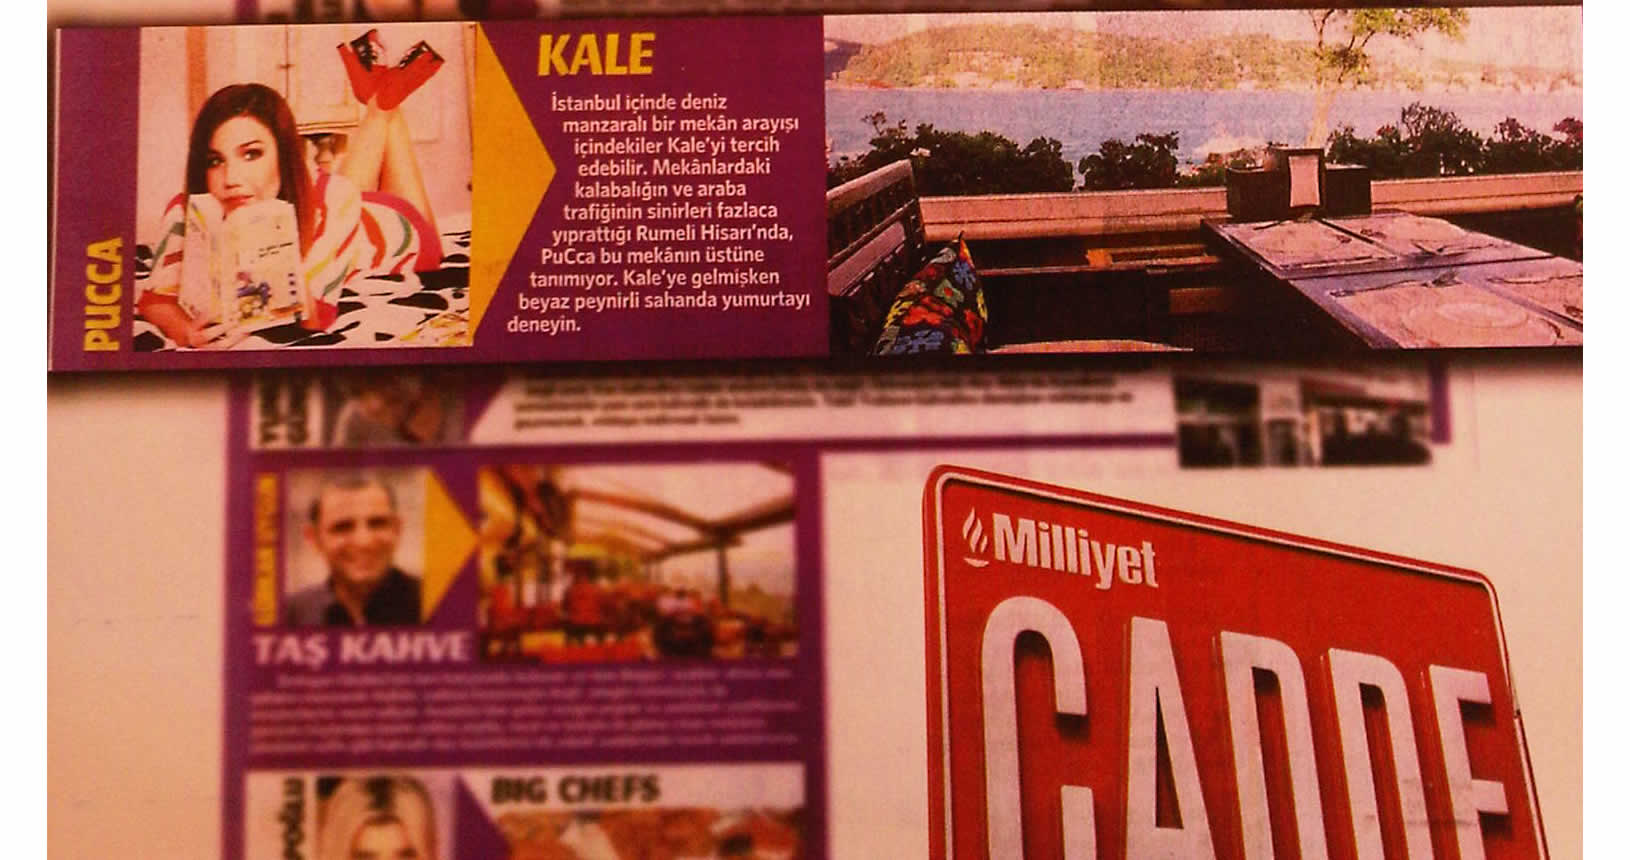 Kale Cafe Milliyet Cadde